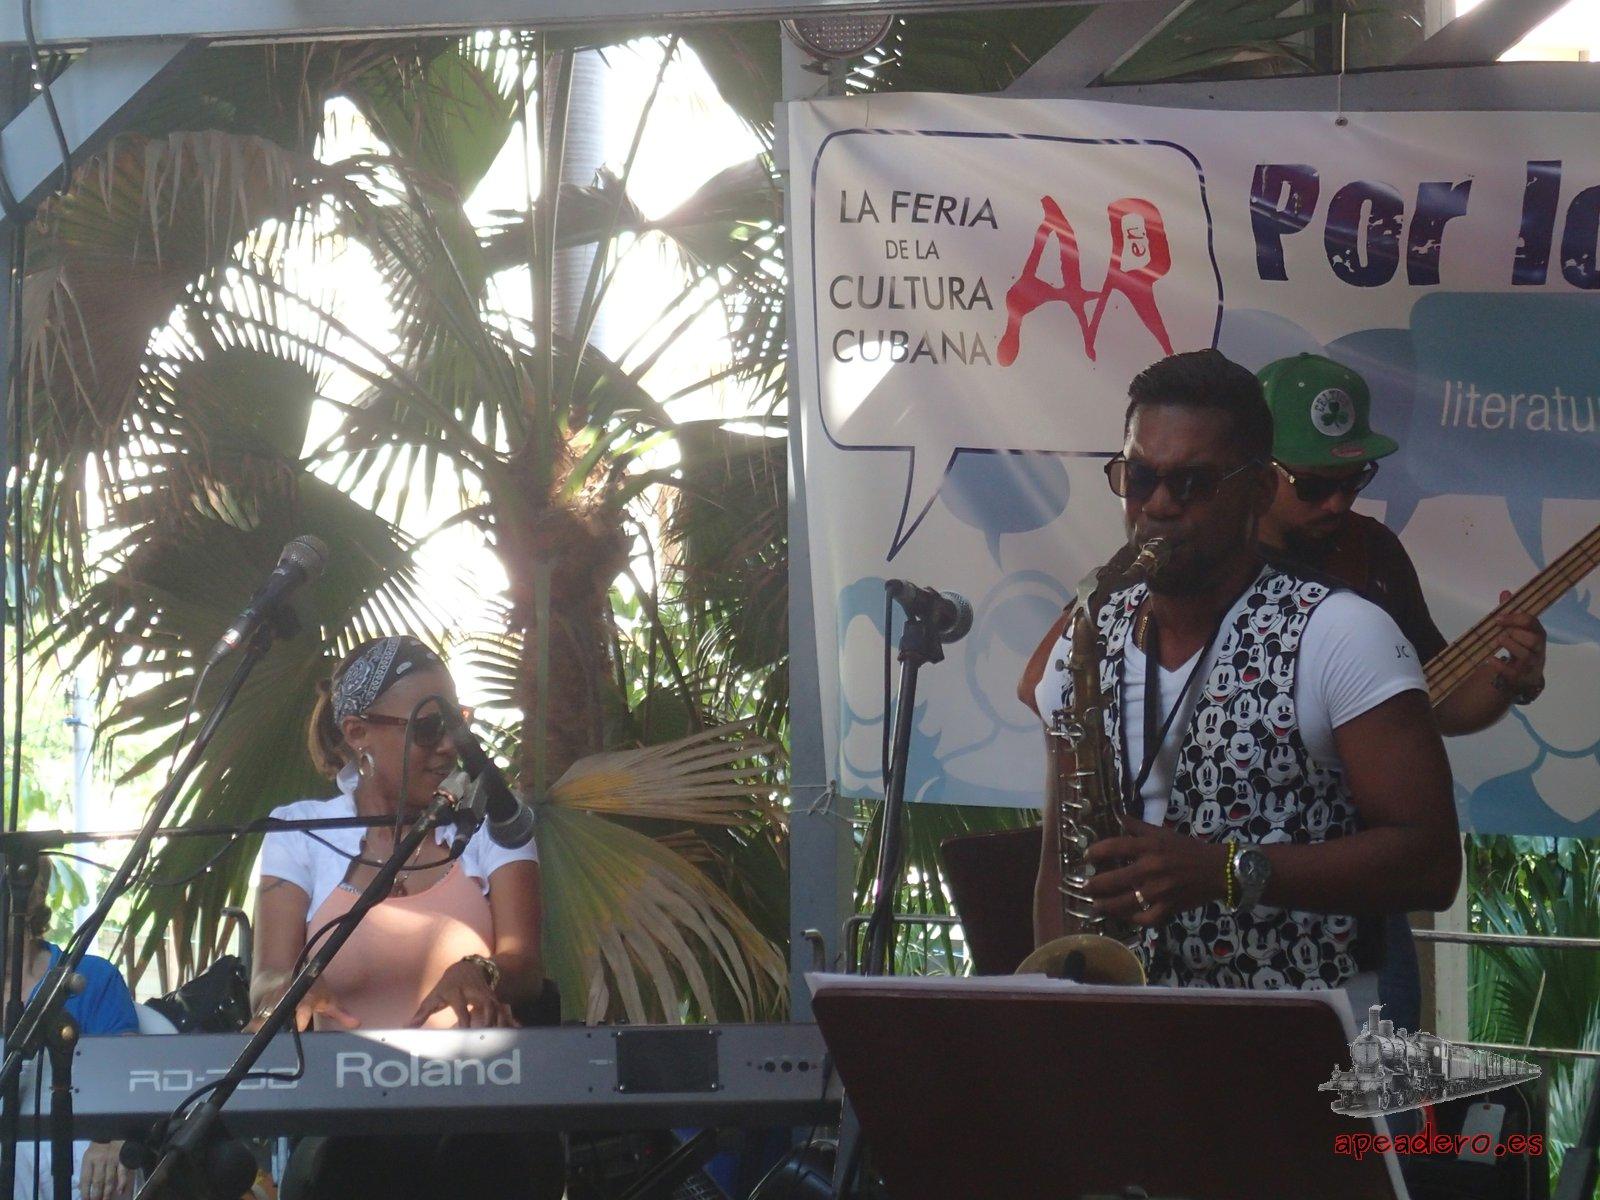 Un concierto de jazz al que asistimos en el Pabellón Cuba de La Habana.